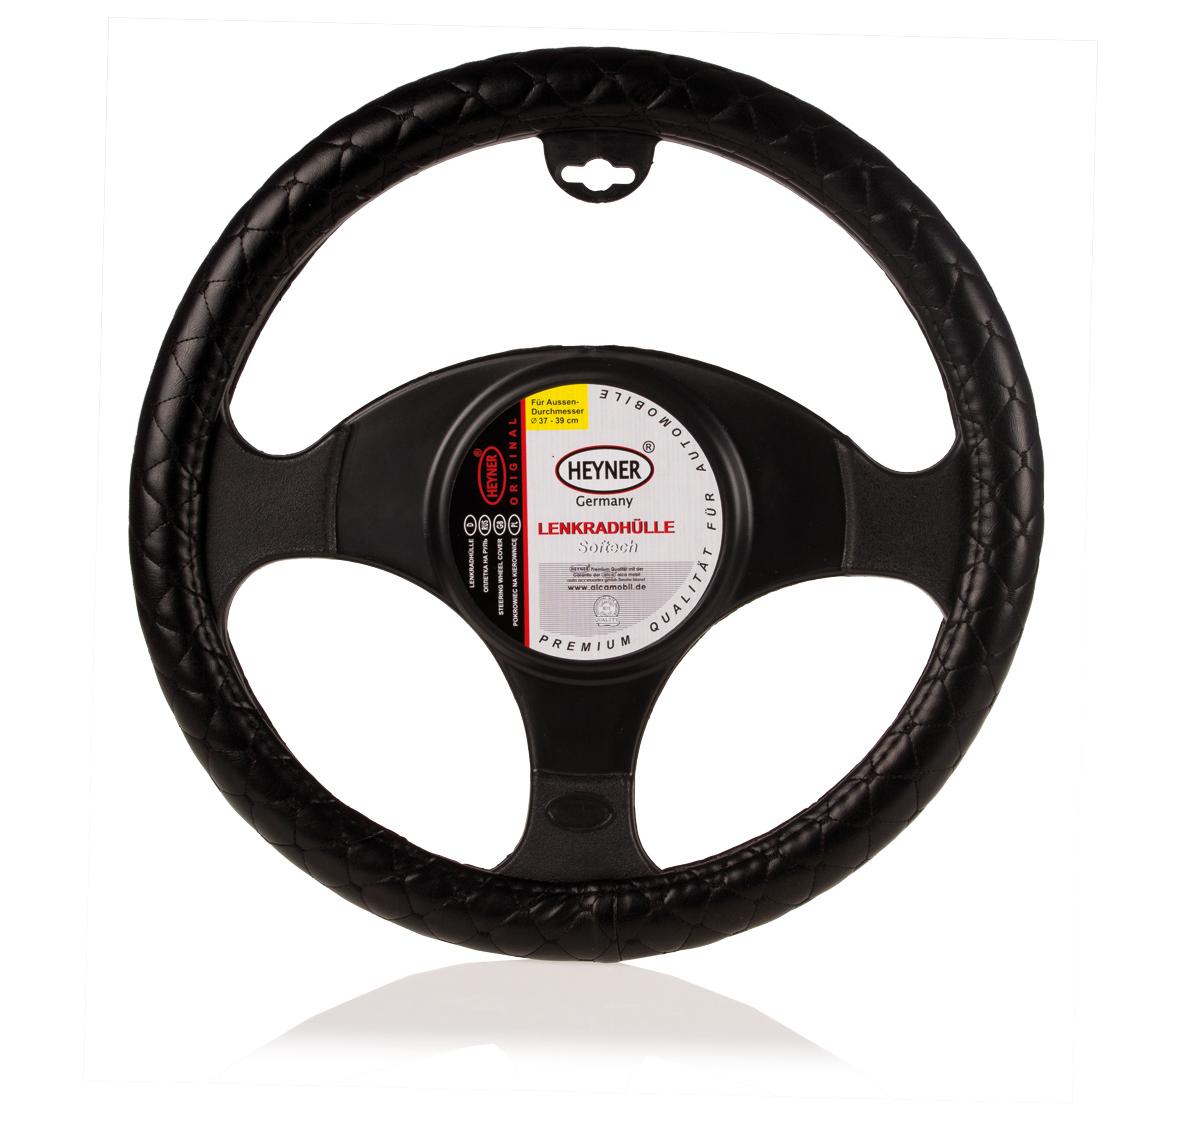 Чехол на руль Heyner, натуральная кожа, цвет: черный, диаметр 37-39 см300129Чехол на руль нат.кожа черный d 37-39